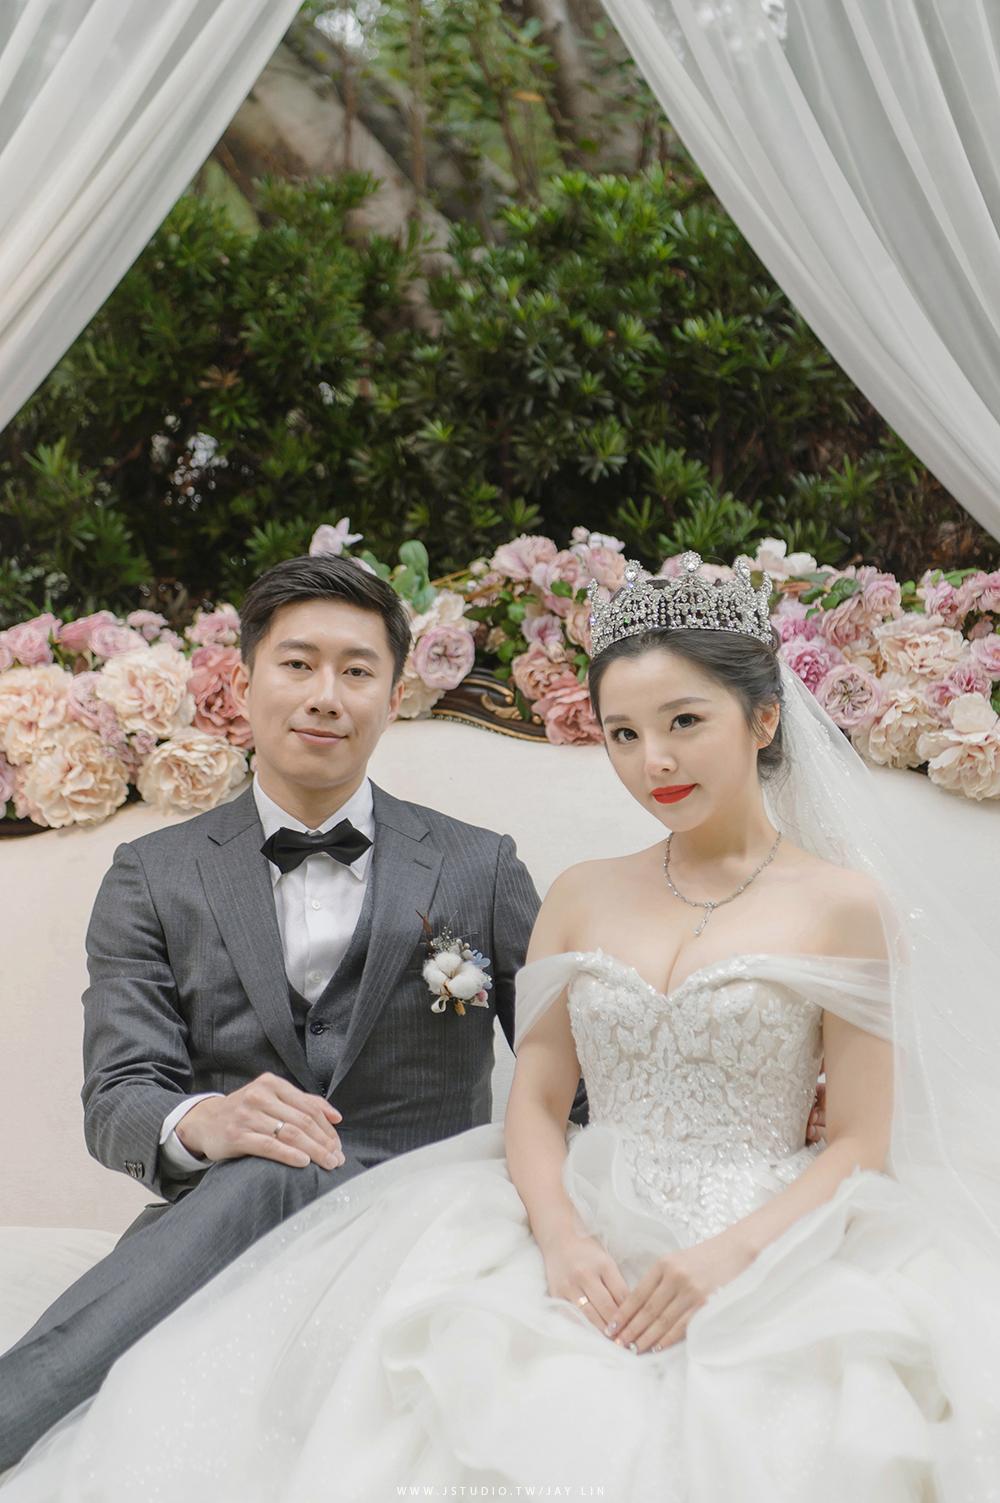 婚攝 台北婚攝 婚禮紀錄 婚攝 推薦婚攝 翡麗詩莊園 JSTUDIO_0104